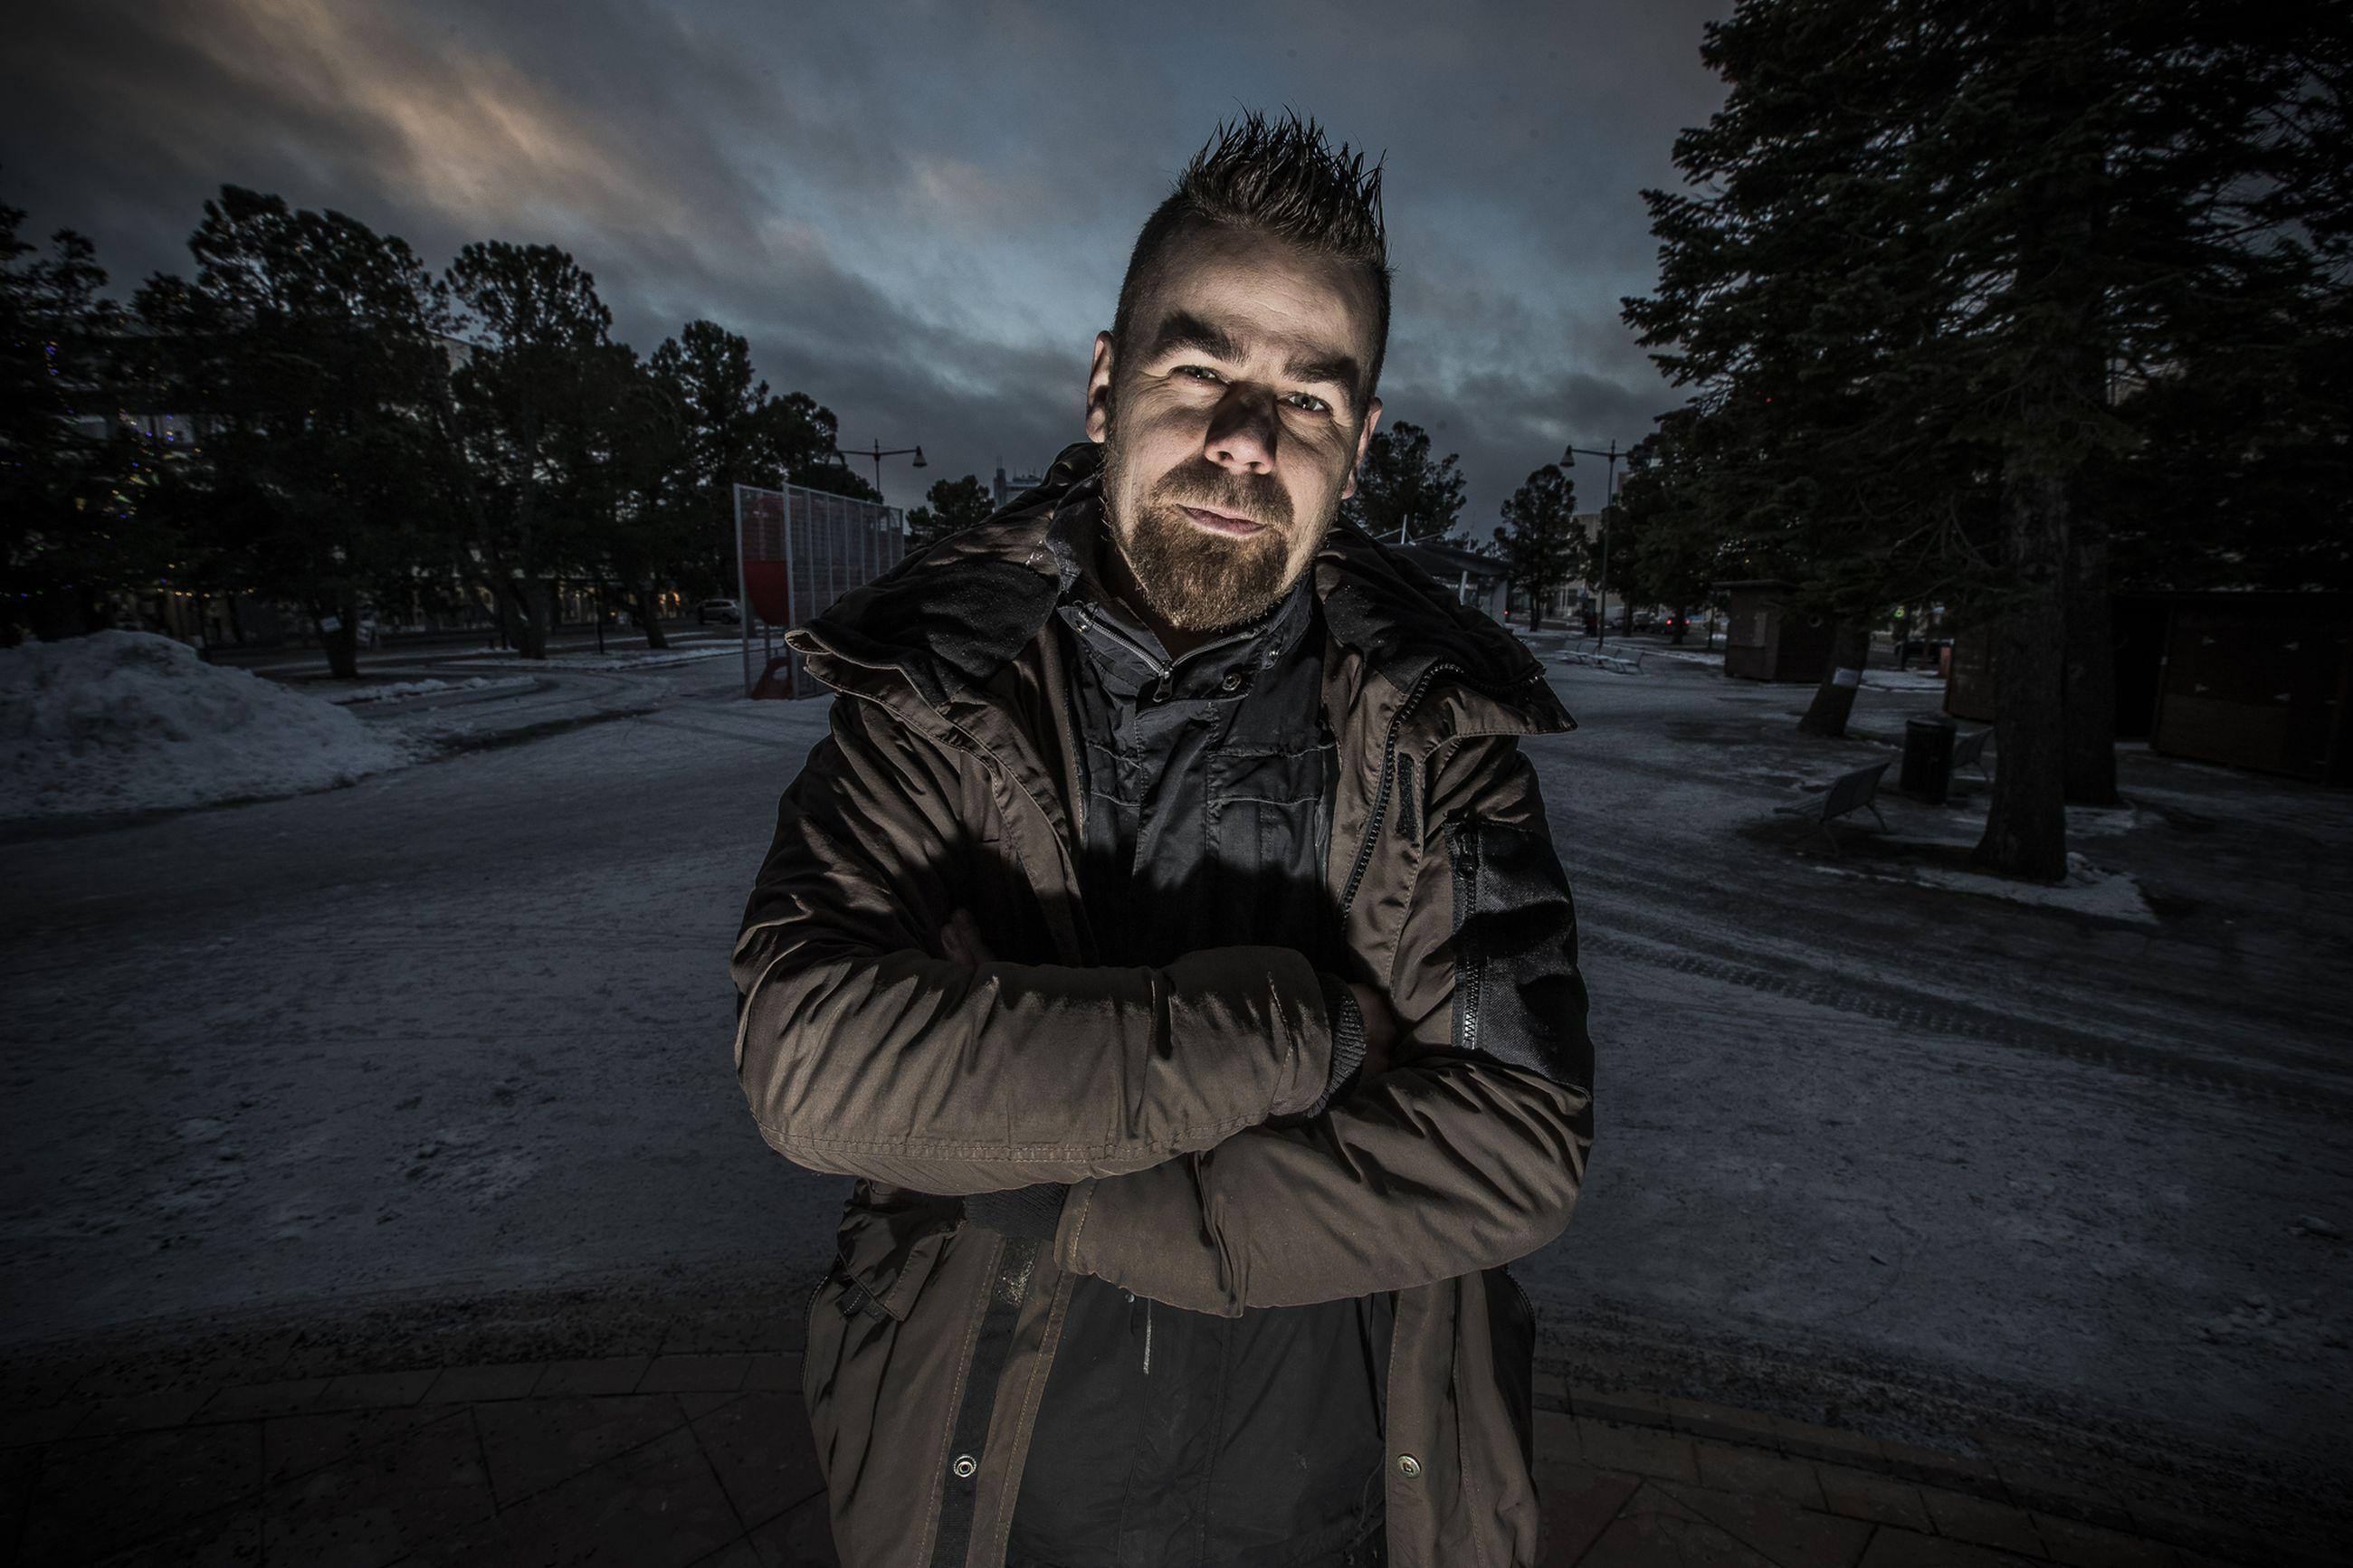 Jussi Isokoski